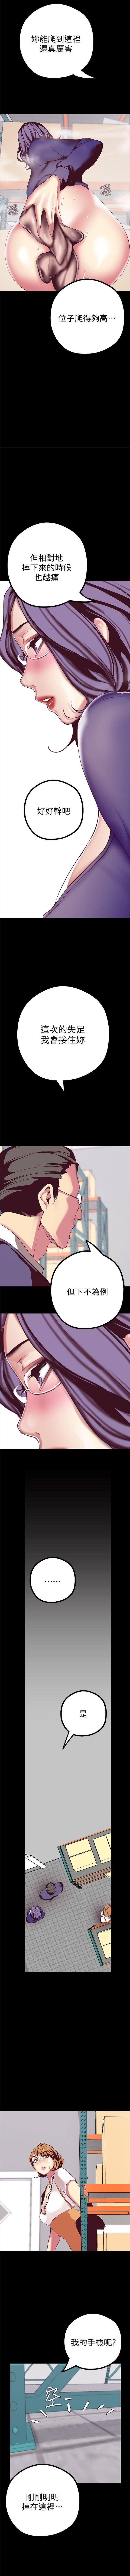 (周6)美丽新世界 1-61 中文翻译 (更新中) 163